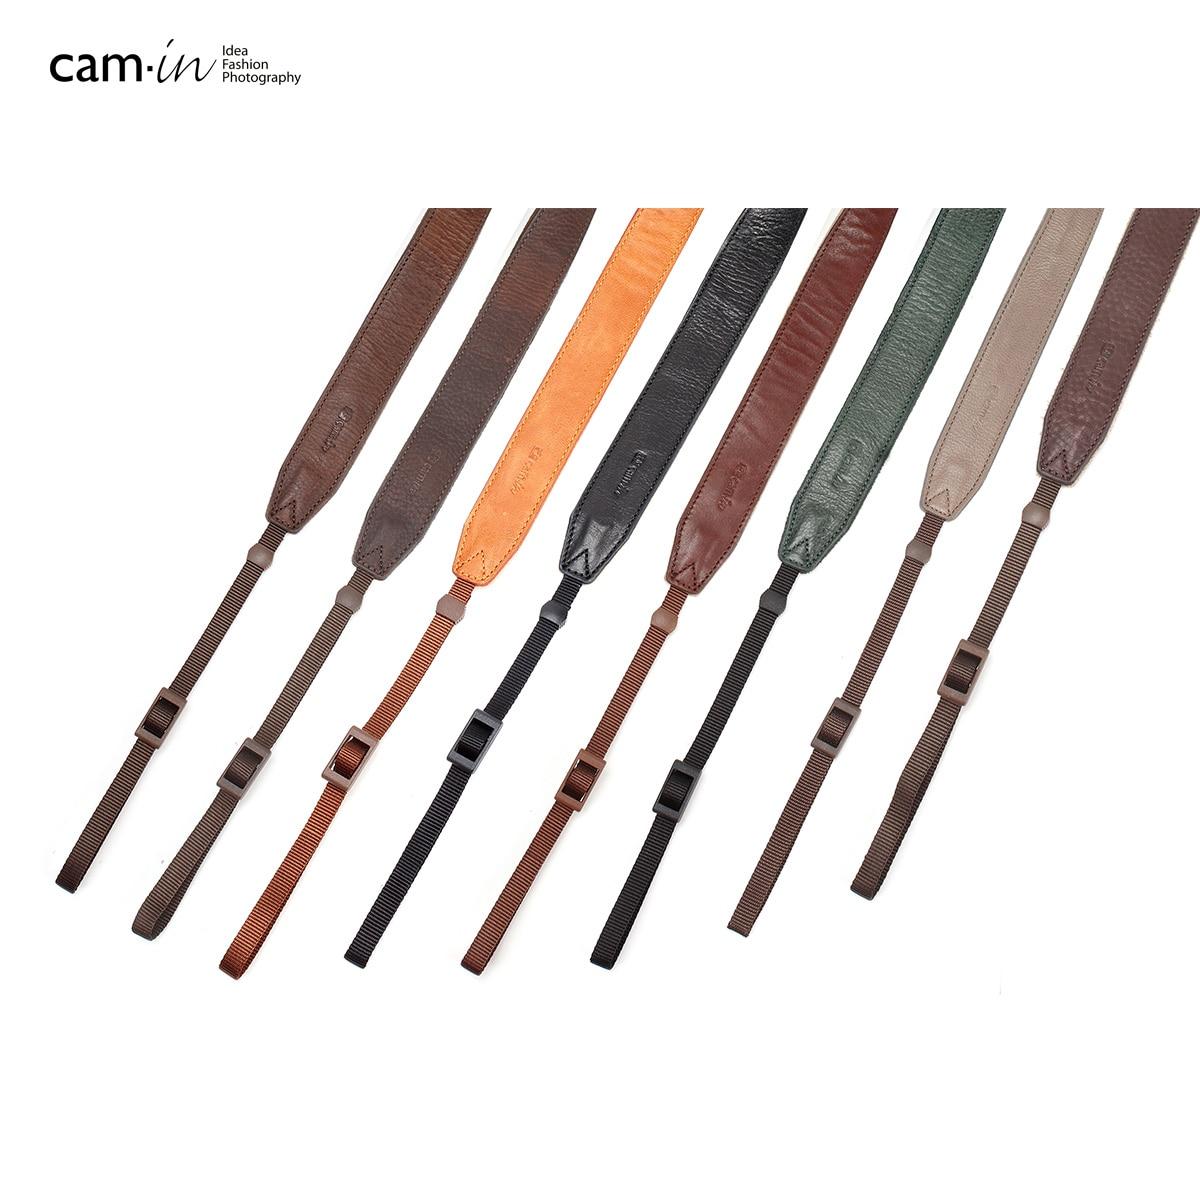 cam-in   CS187 Adjustable Universal Leather Camera Shoulder Neck Strap for SLR DSLR Cameras